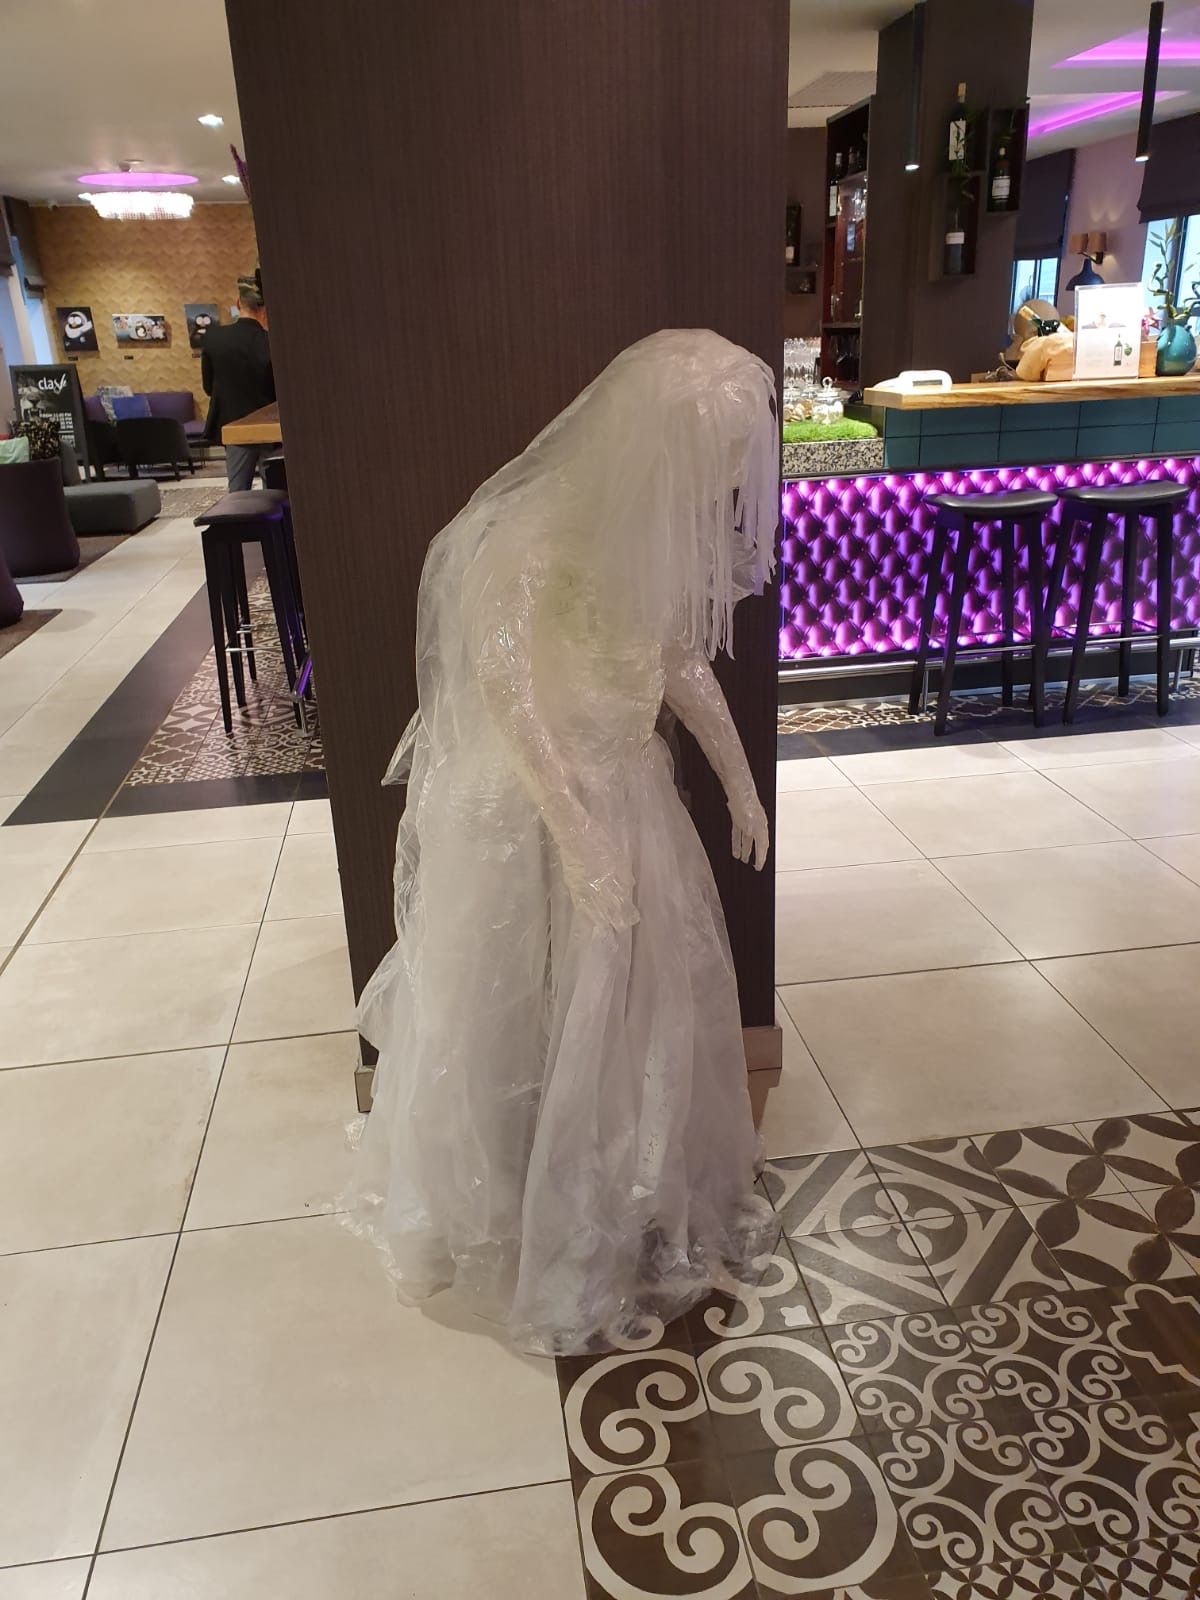 Fantasmi fosforescenti